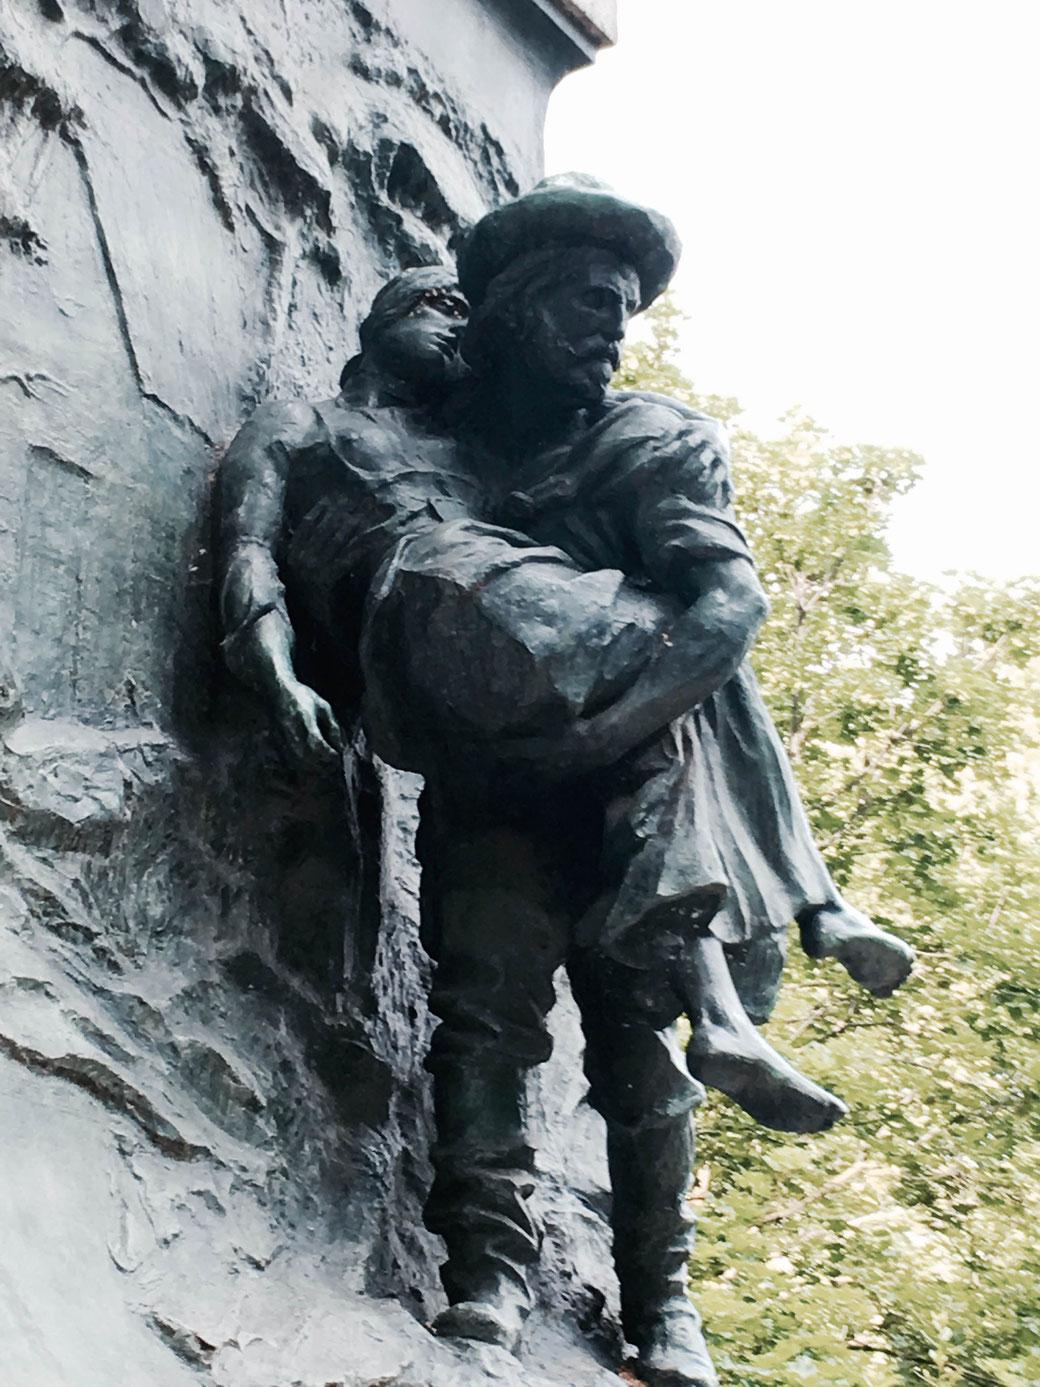 Auf dem Sockel des Denkmals trägt Guiseppe seine kranke Anita durch Norditalien.